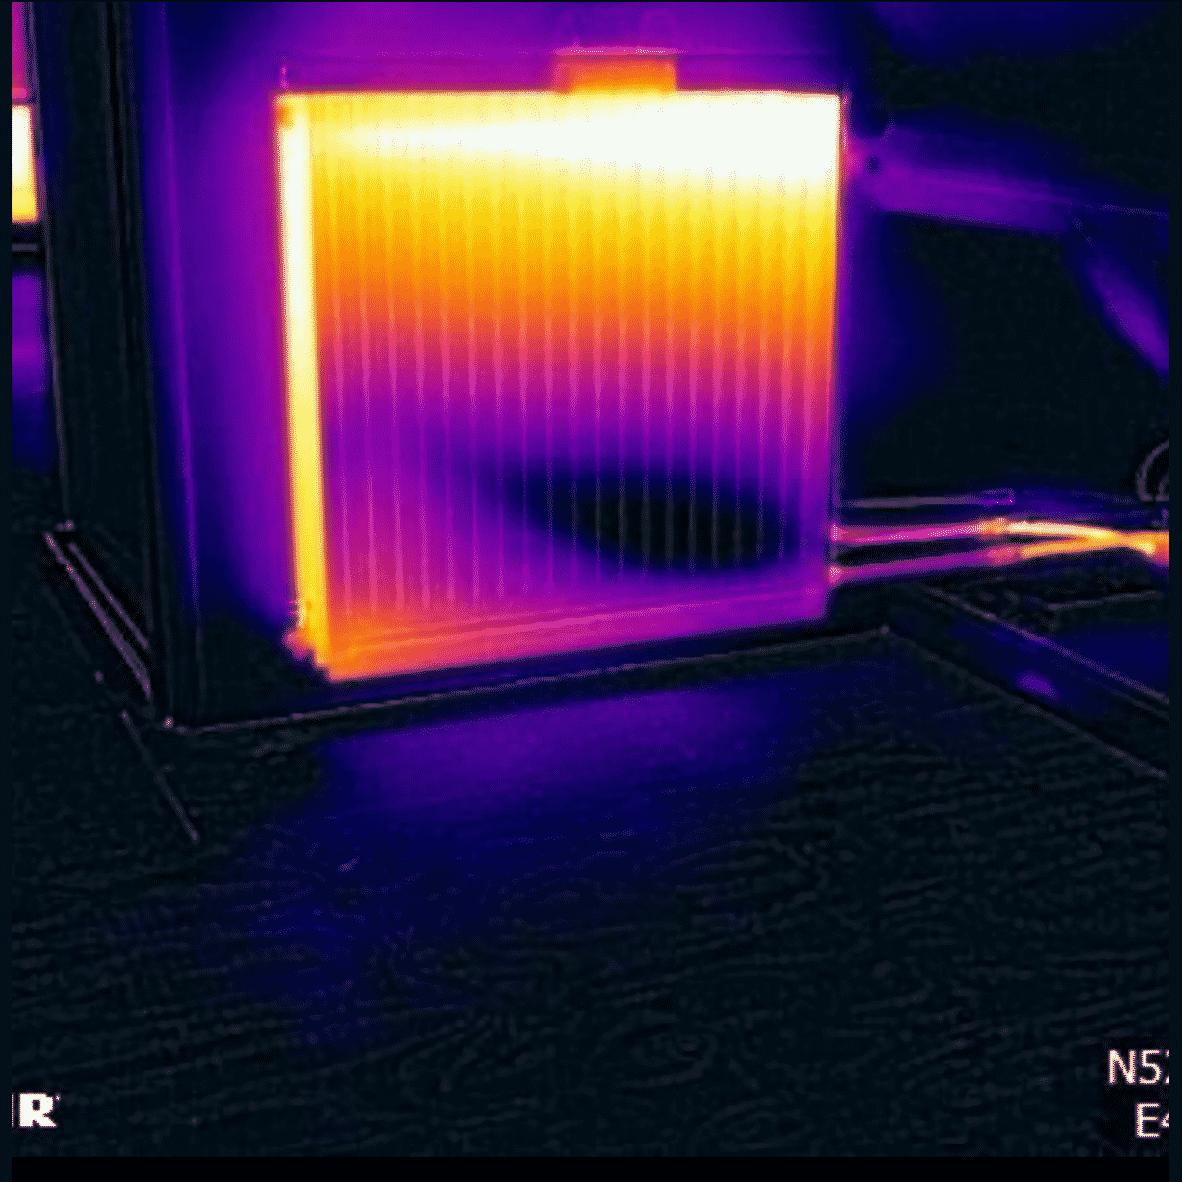 دوربین حراتی روی رادیاتور